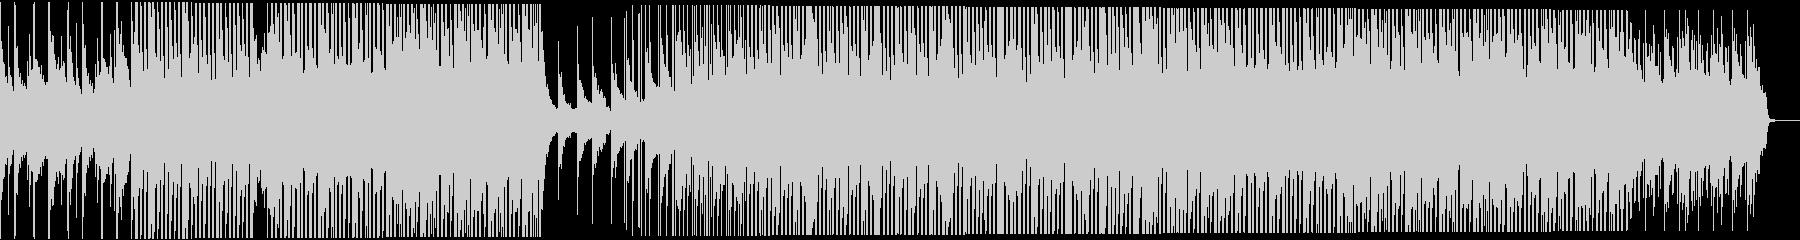 企業VP・勇敢・明るい・未来・ピアノの未再生の波形